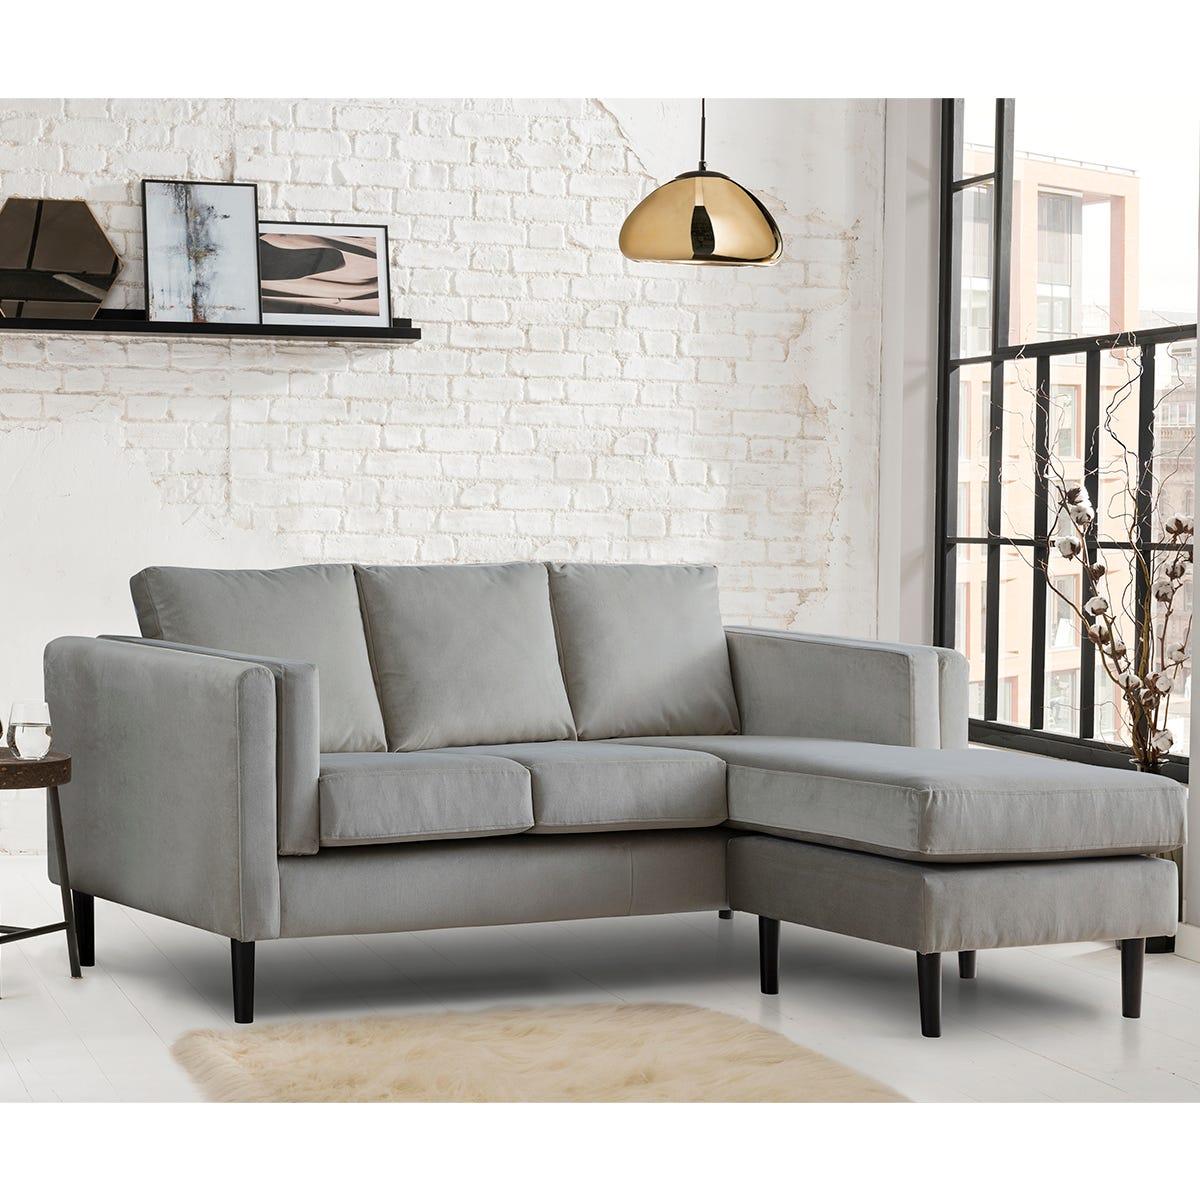 Rio Corner Chaise Sofa - Malta Grey